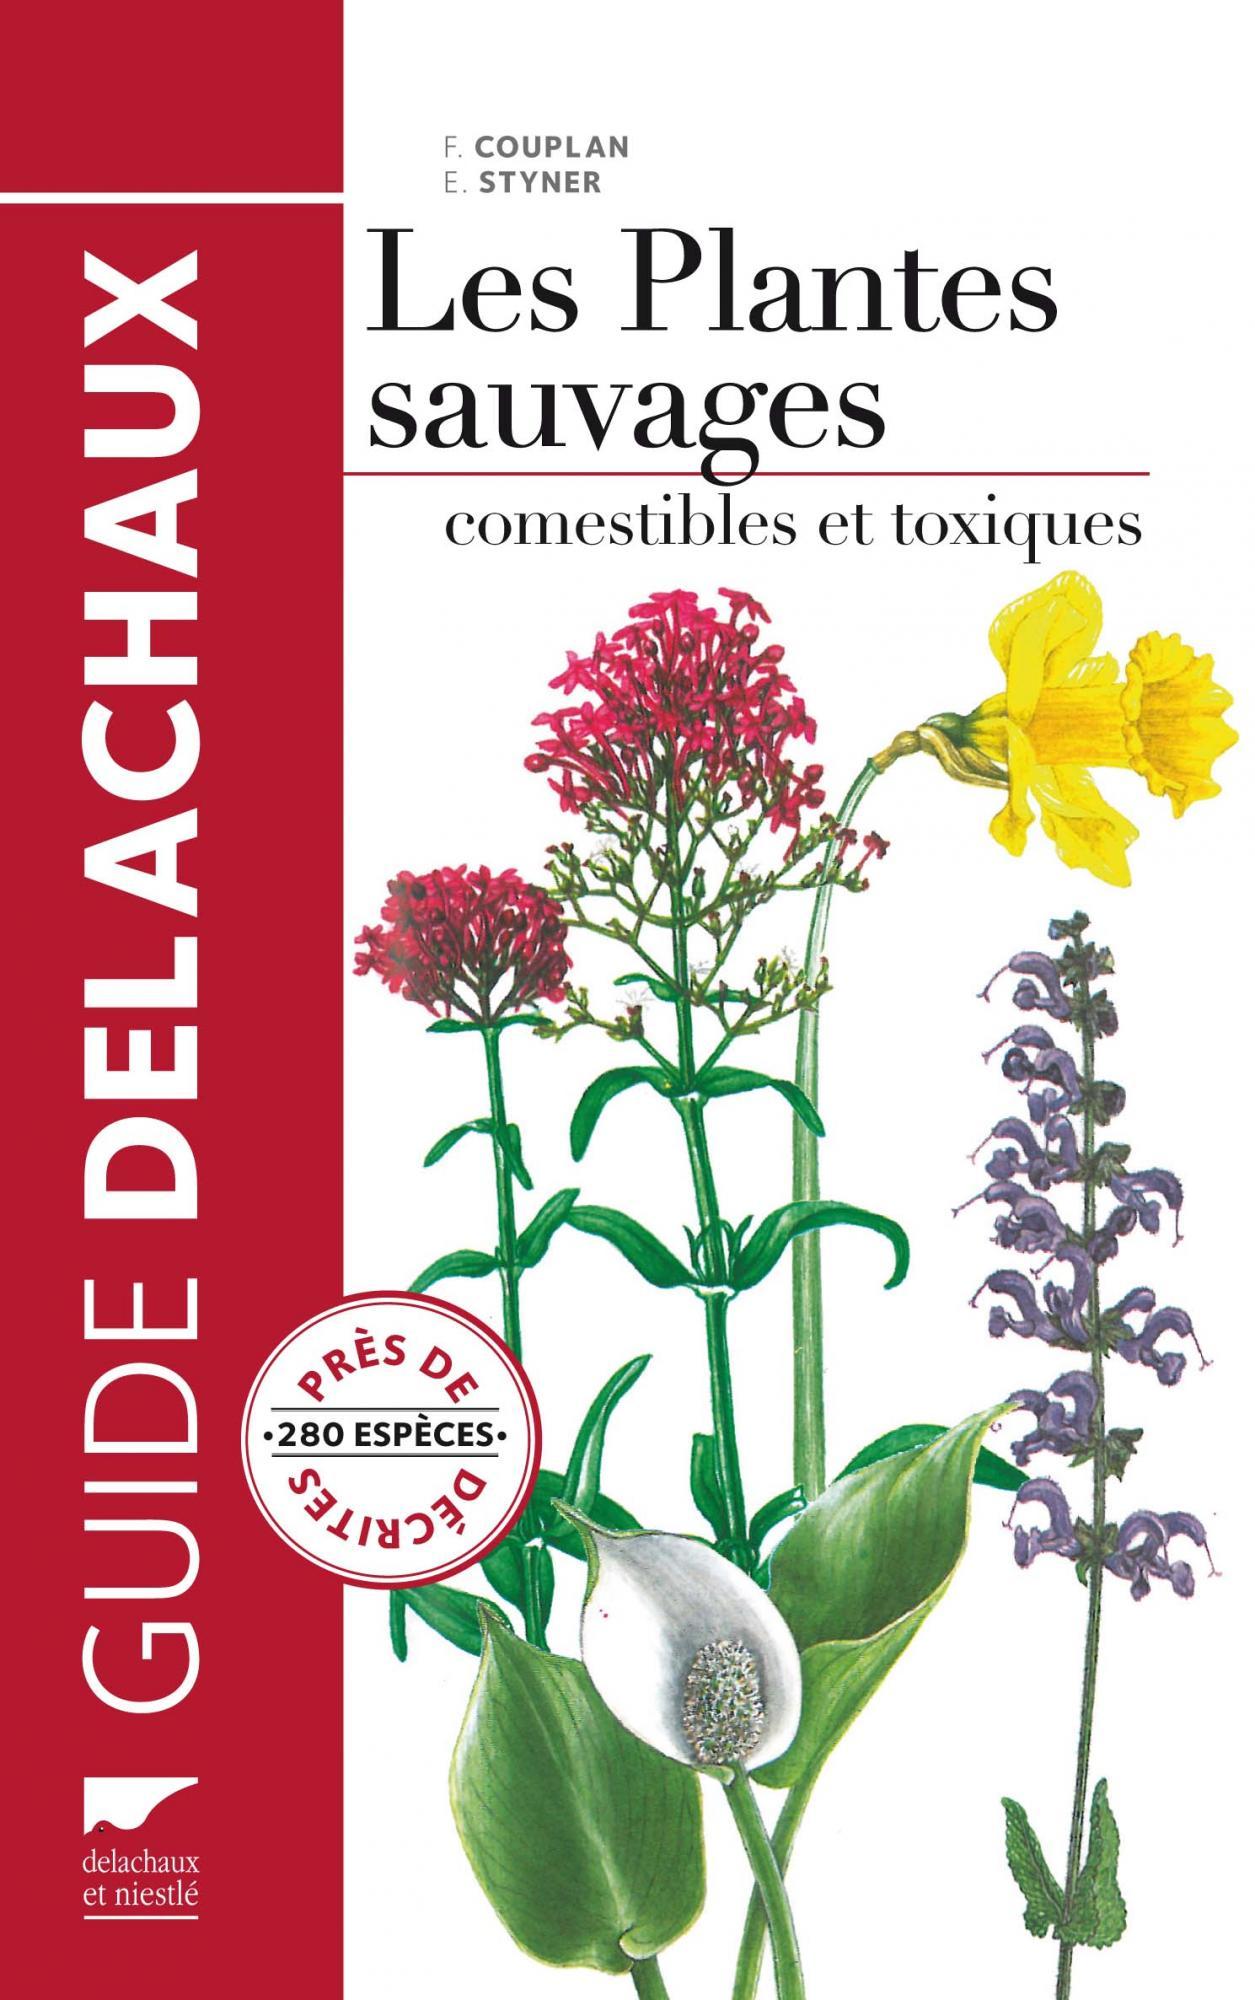 plantes-sauvages-comestibles-et-toxiques